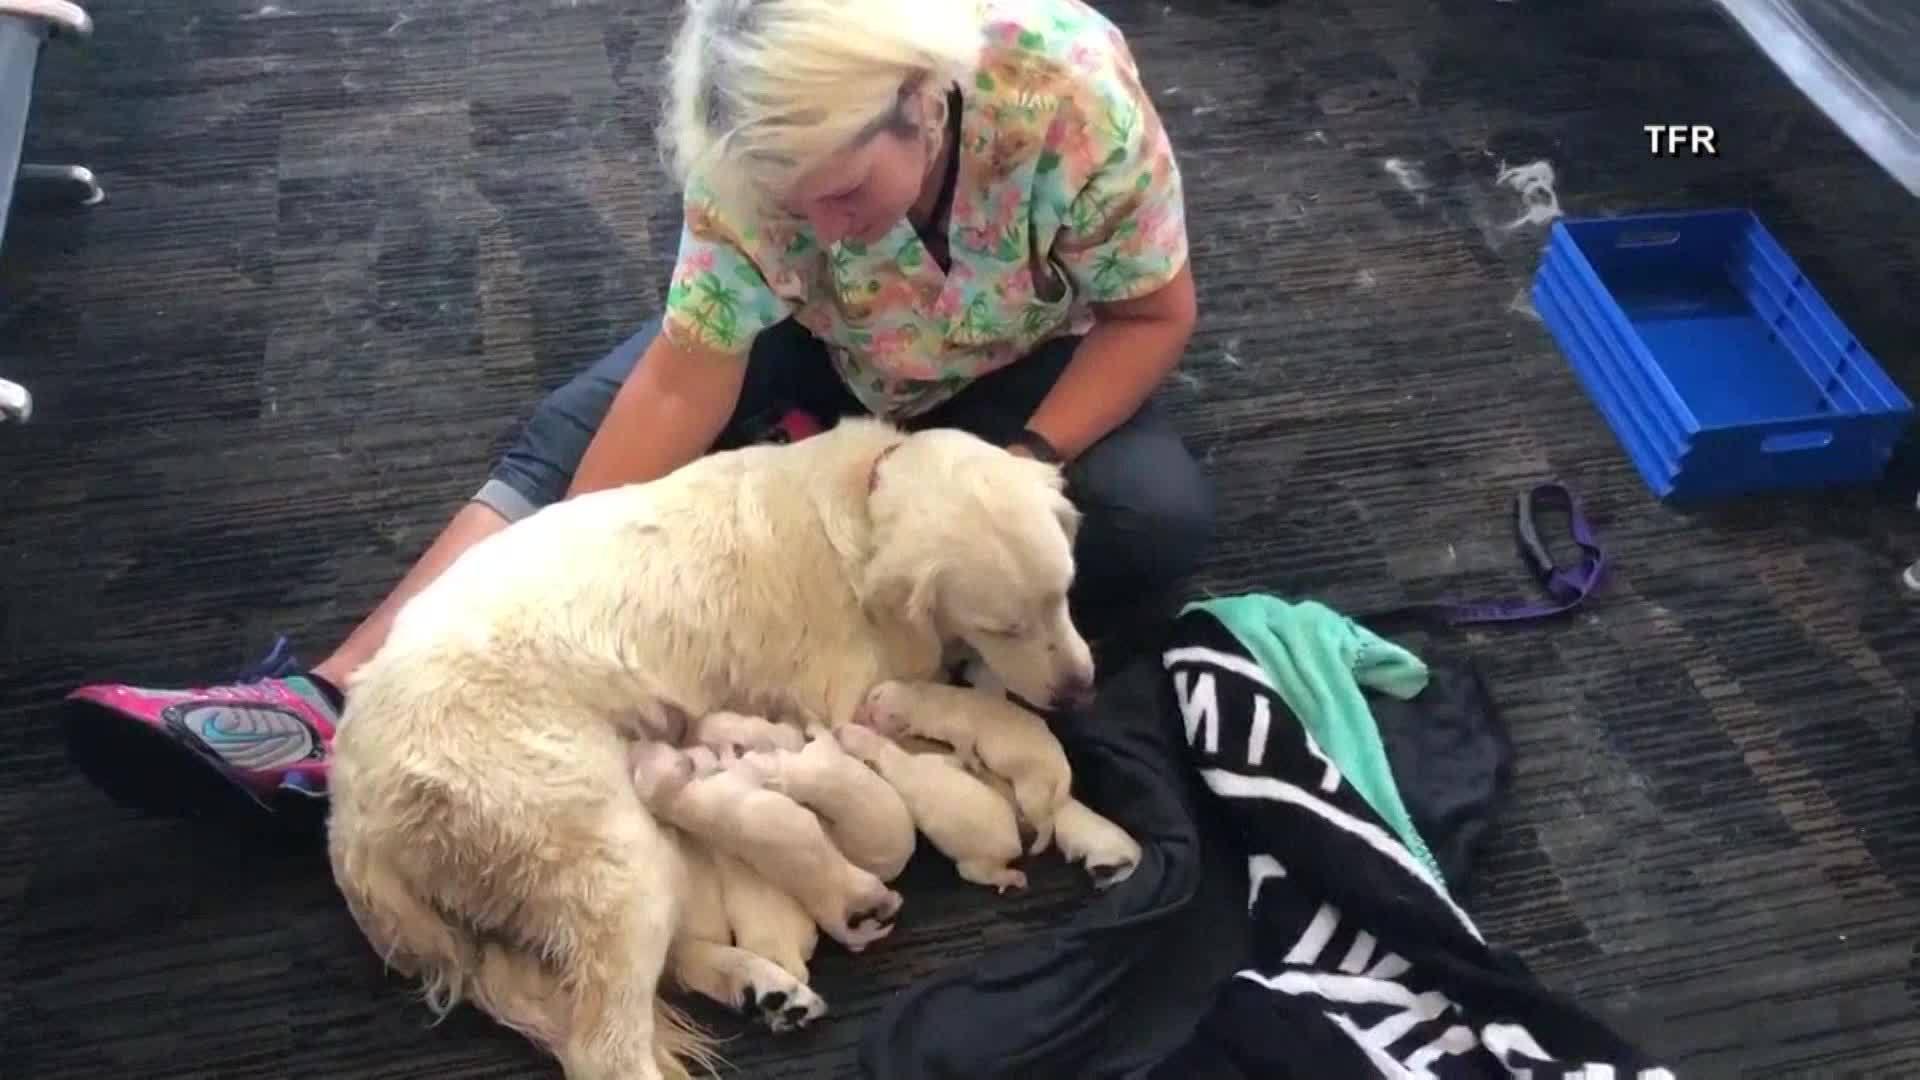 Service_dog_gives_birth_at_Tampa_airport_0_20180525205632